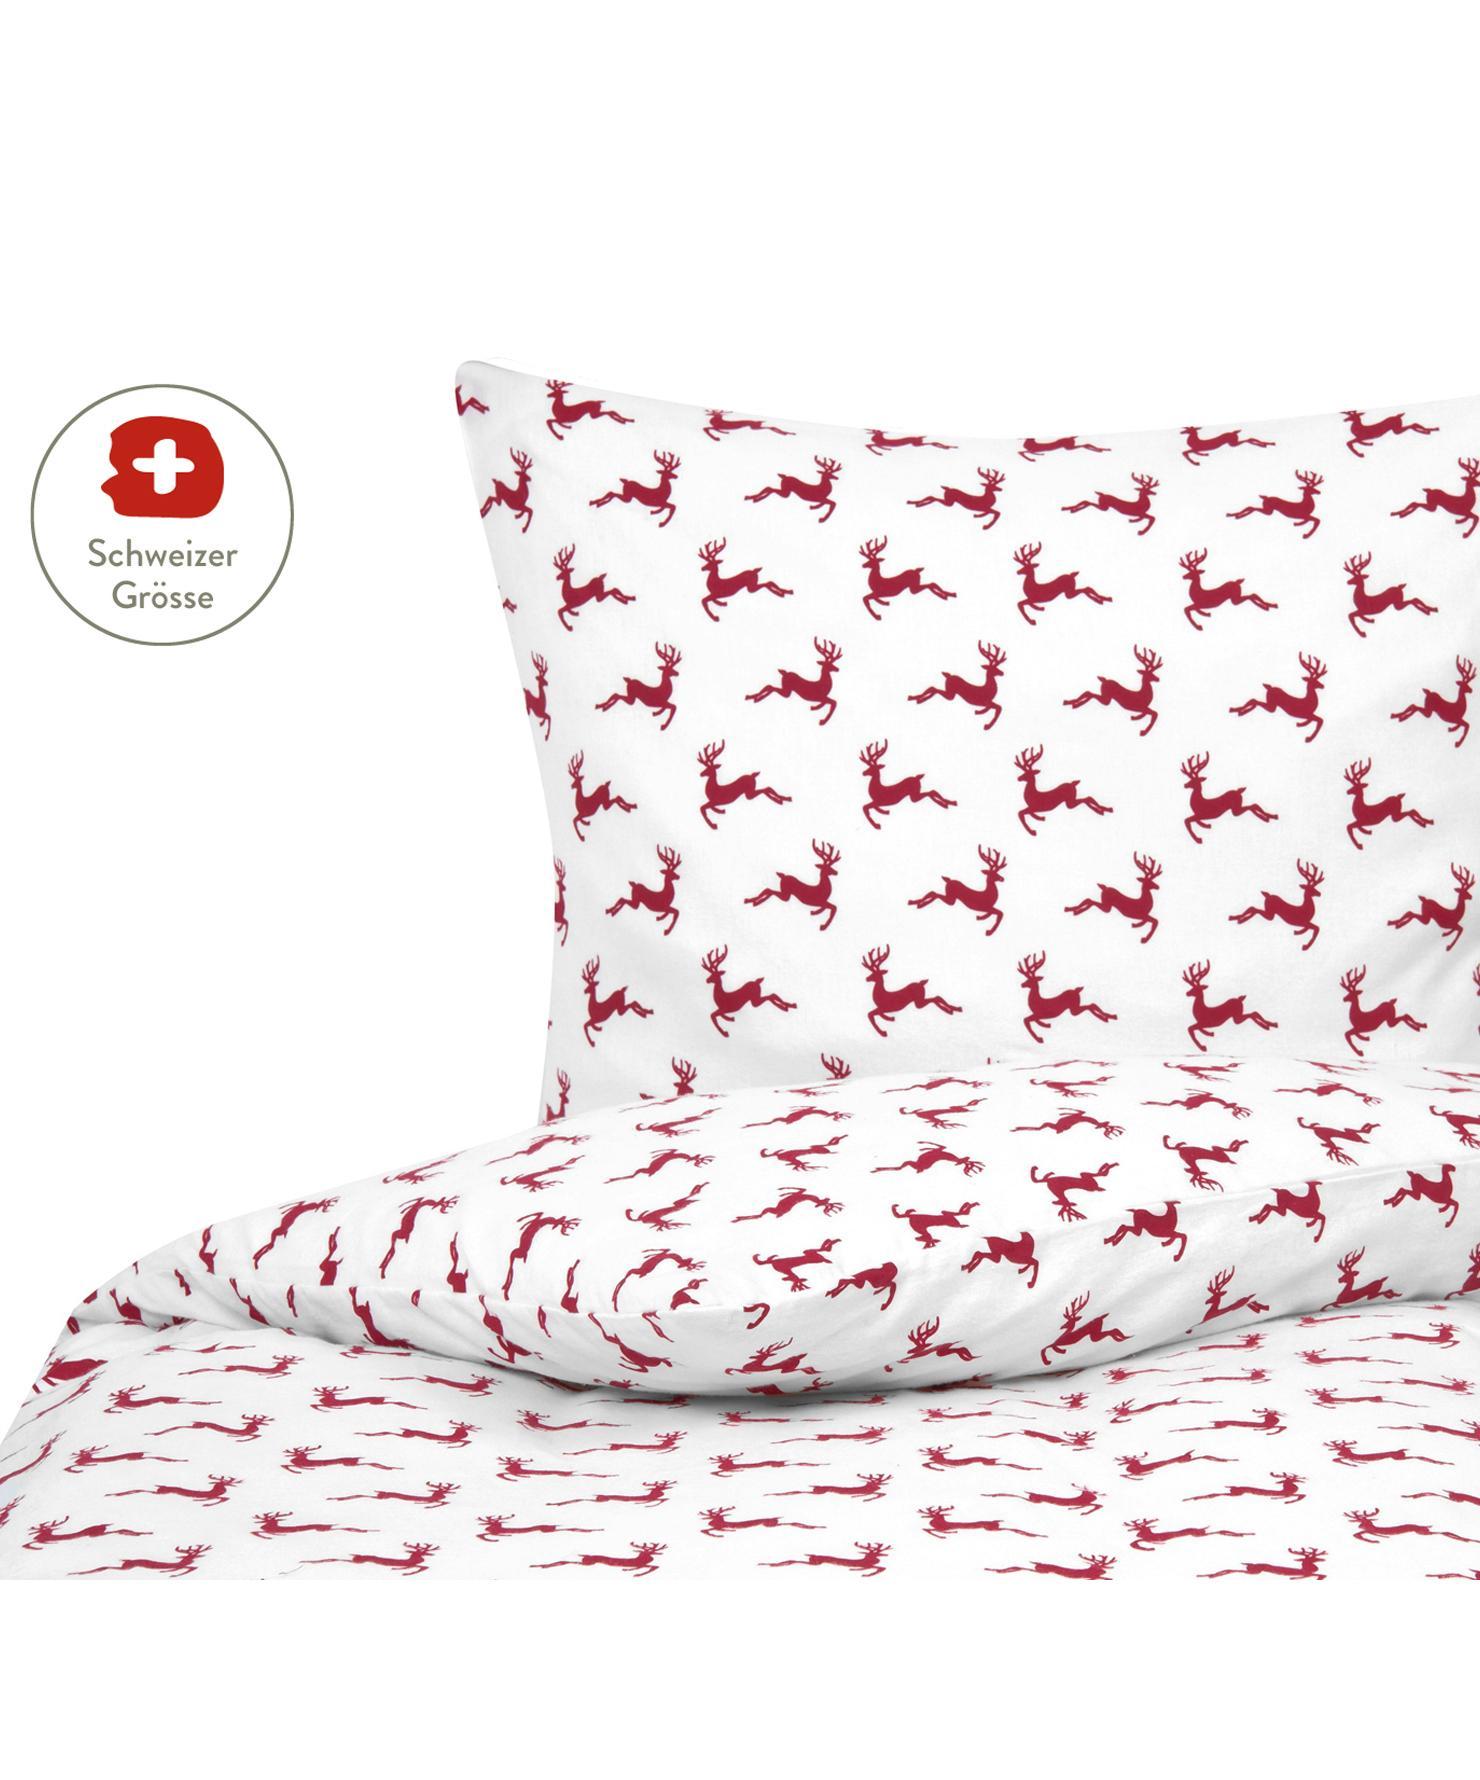 Flanell-Bettdeckenbezug Rudolph mit Rentieren, Webart: Flanell Flanell ist ein s, Rot, Weiss, 160 x 210 cm